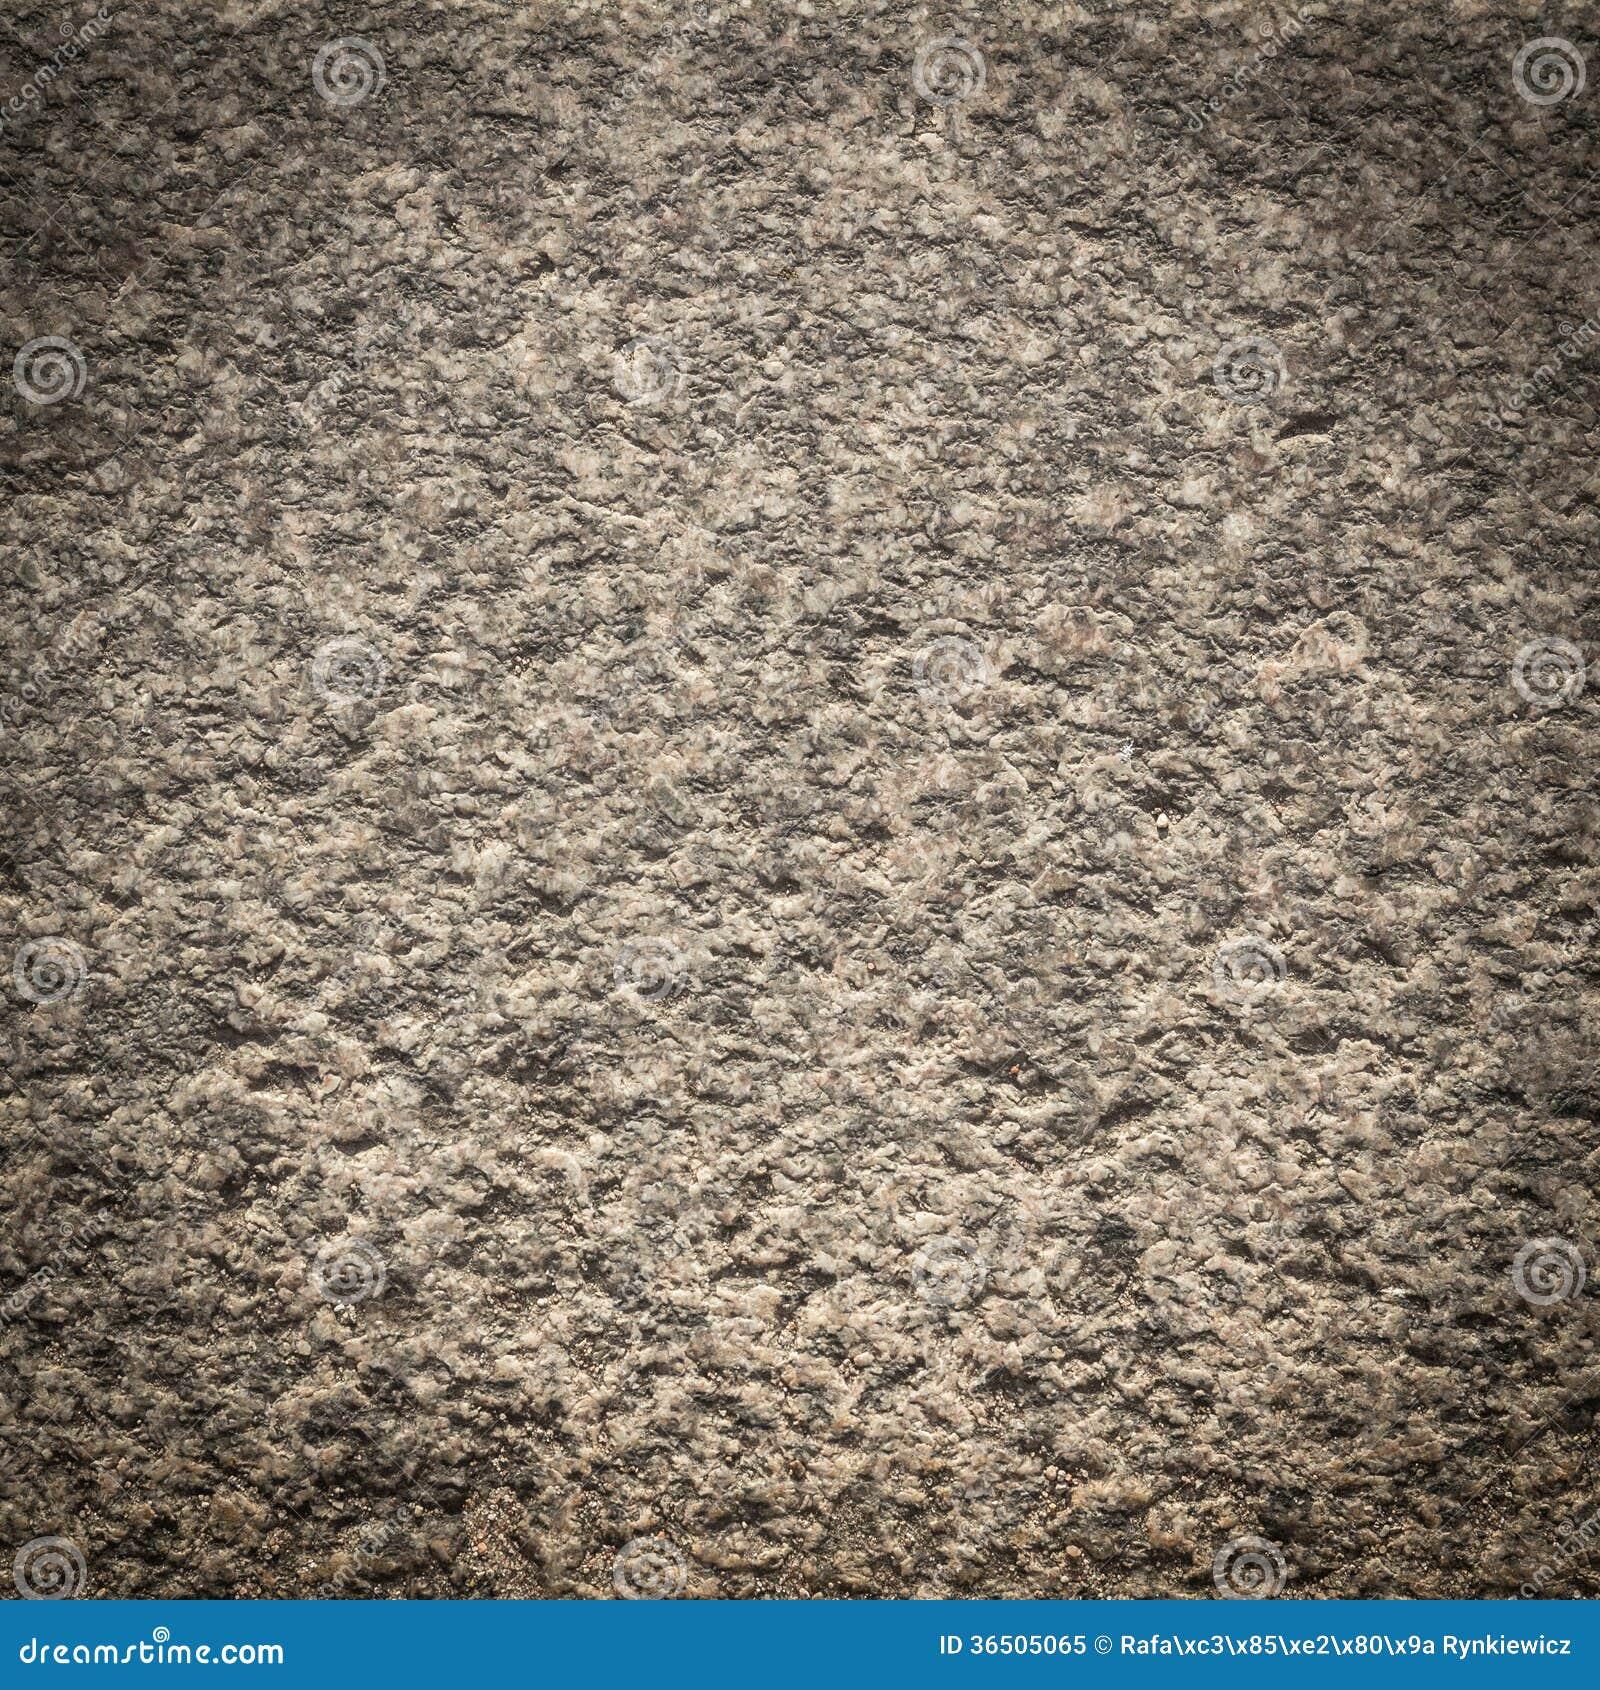 La texture du plan rapproché de granit. Fond